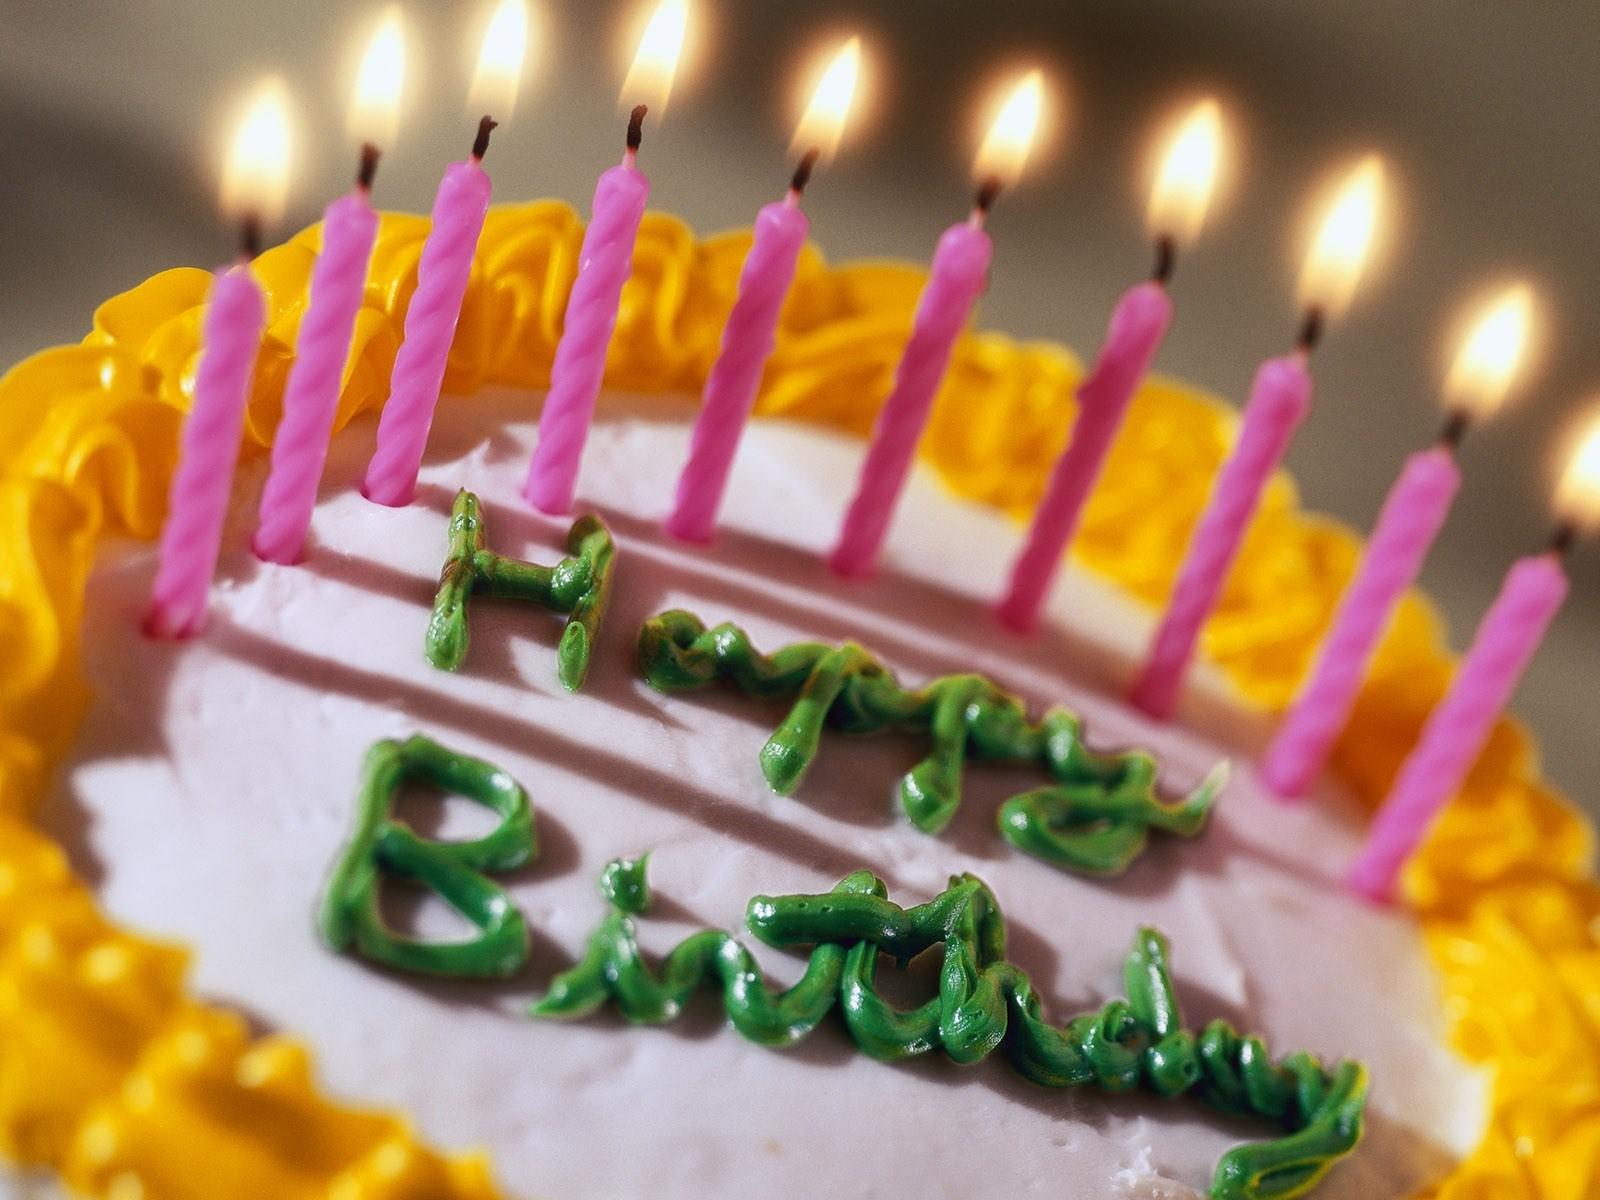 cake candles baking wallpaper